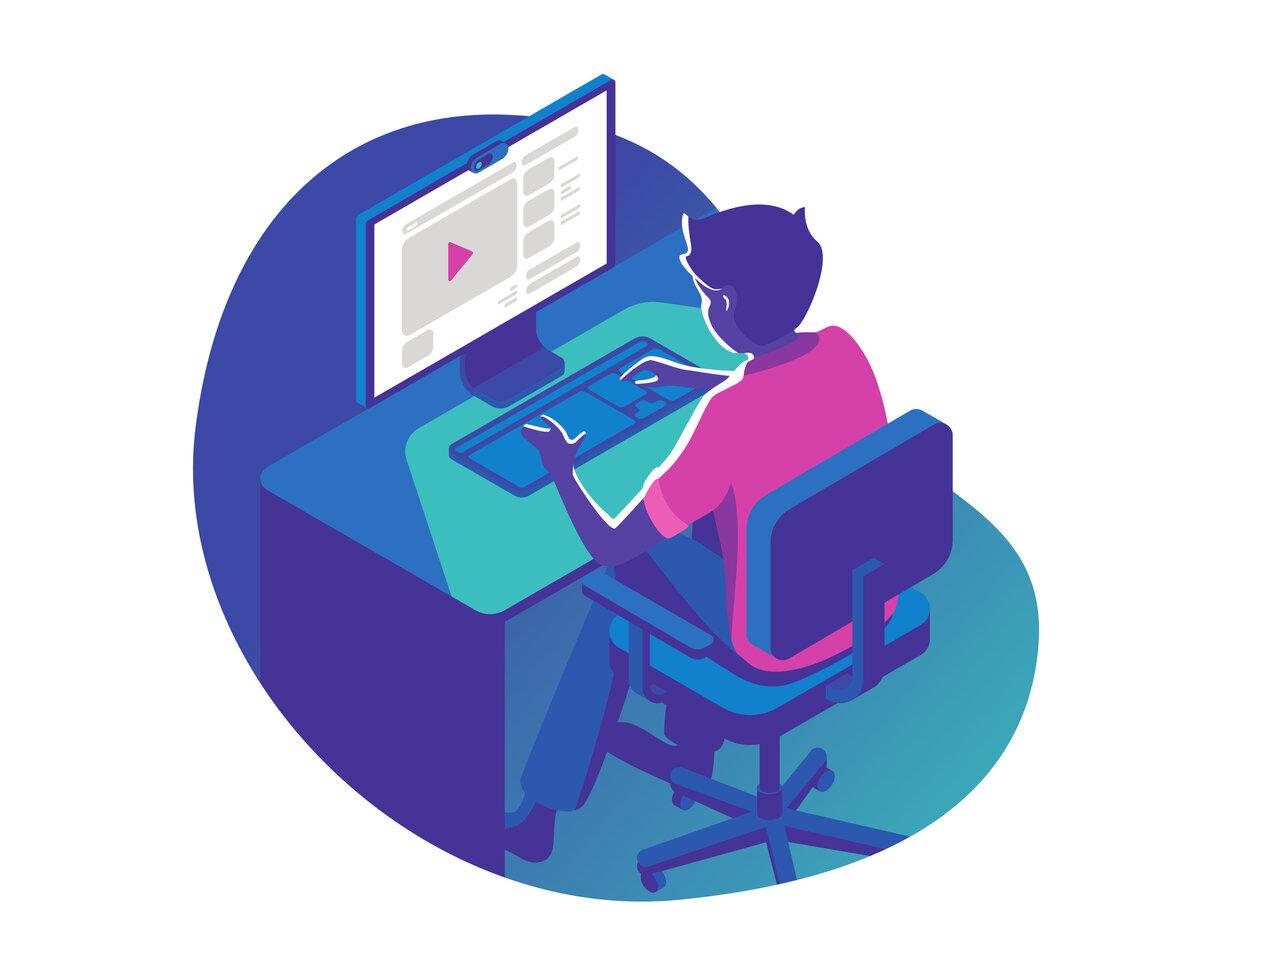 WEBサイトのロゴはどうやって設定するの?| Clipkit (クリップキット) | ニュースサイト・オウンドメディア・キュレーションサイト構築CMS